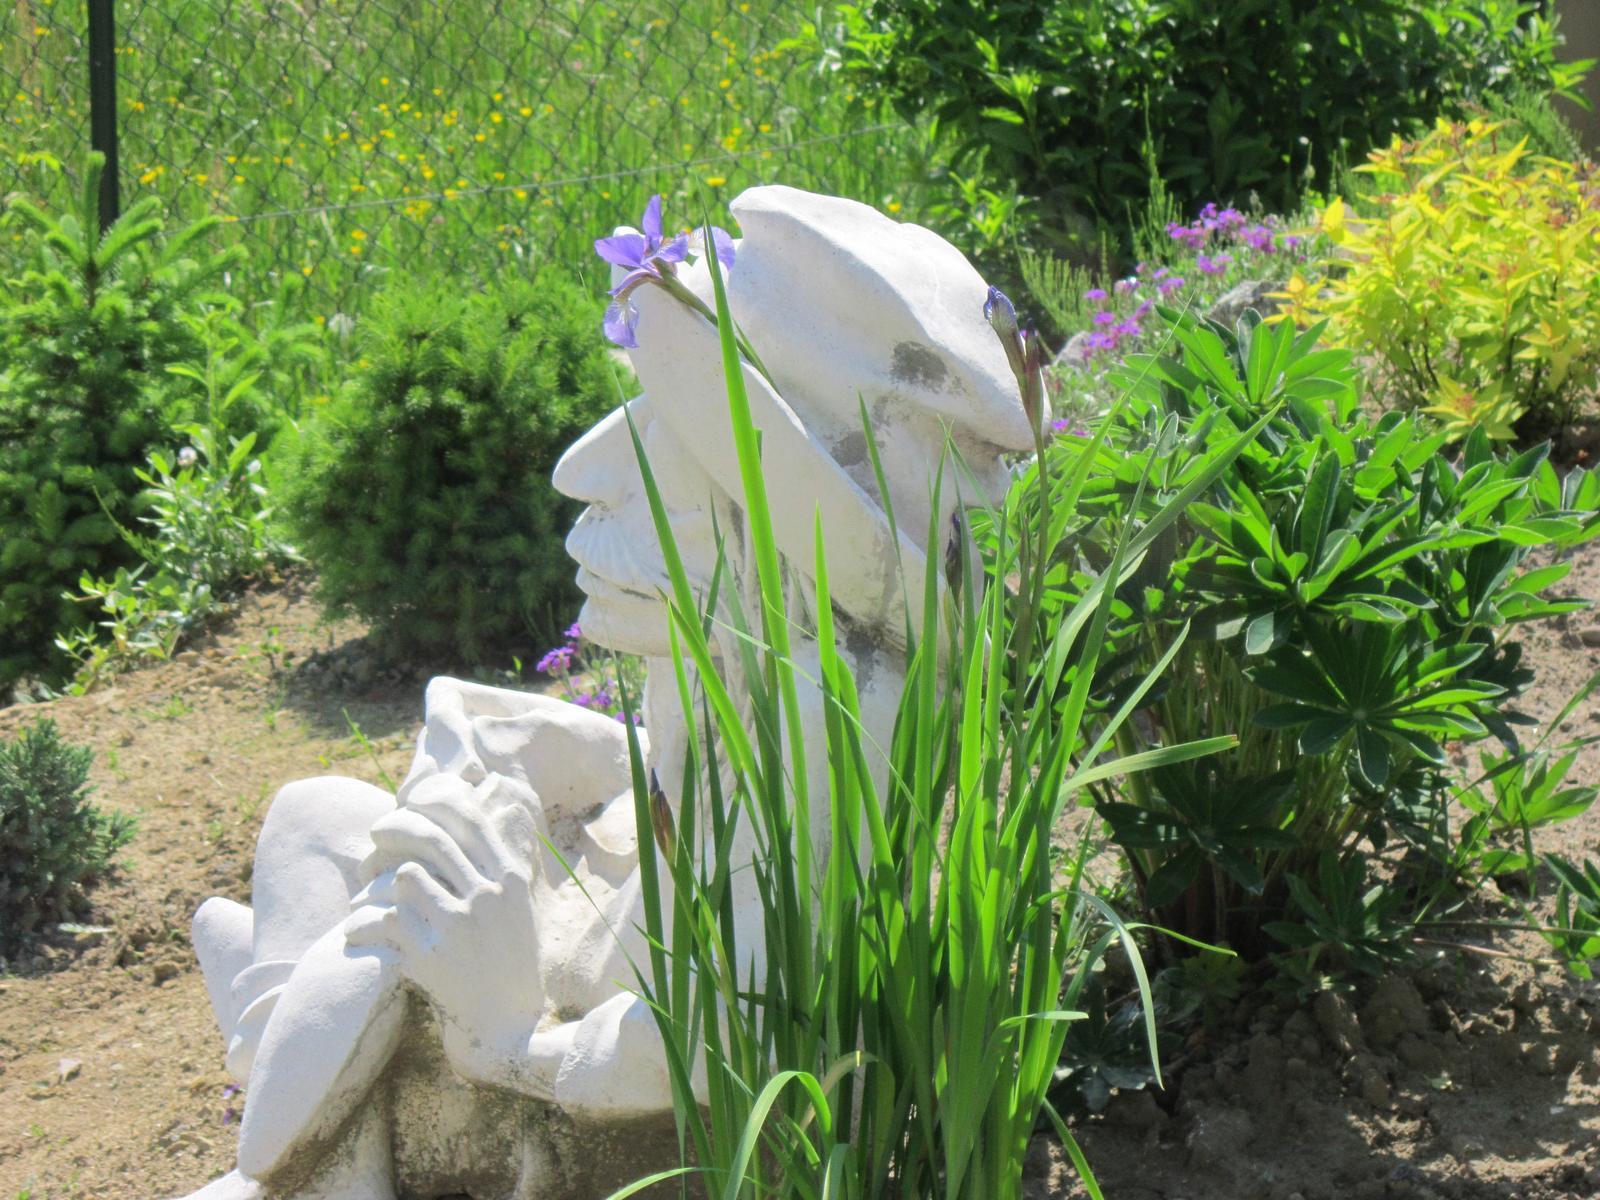 Moja záhrada...ako šiel čas - Ja si za klobúčik pierko dám...